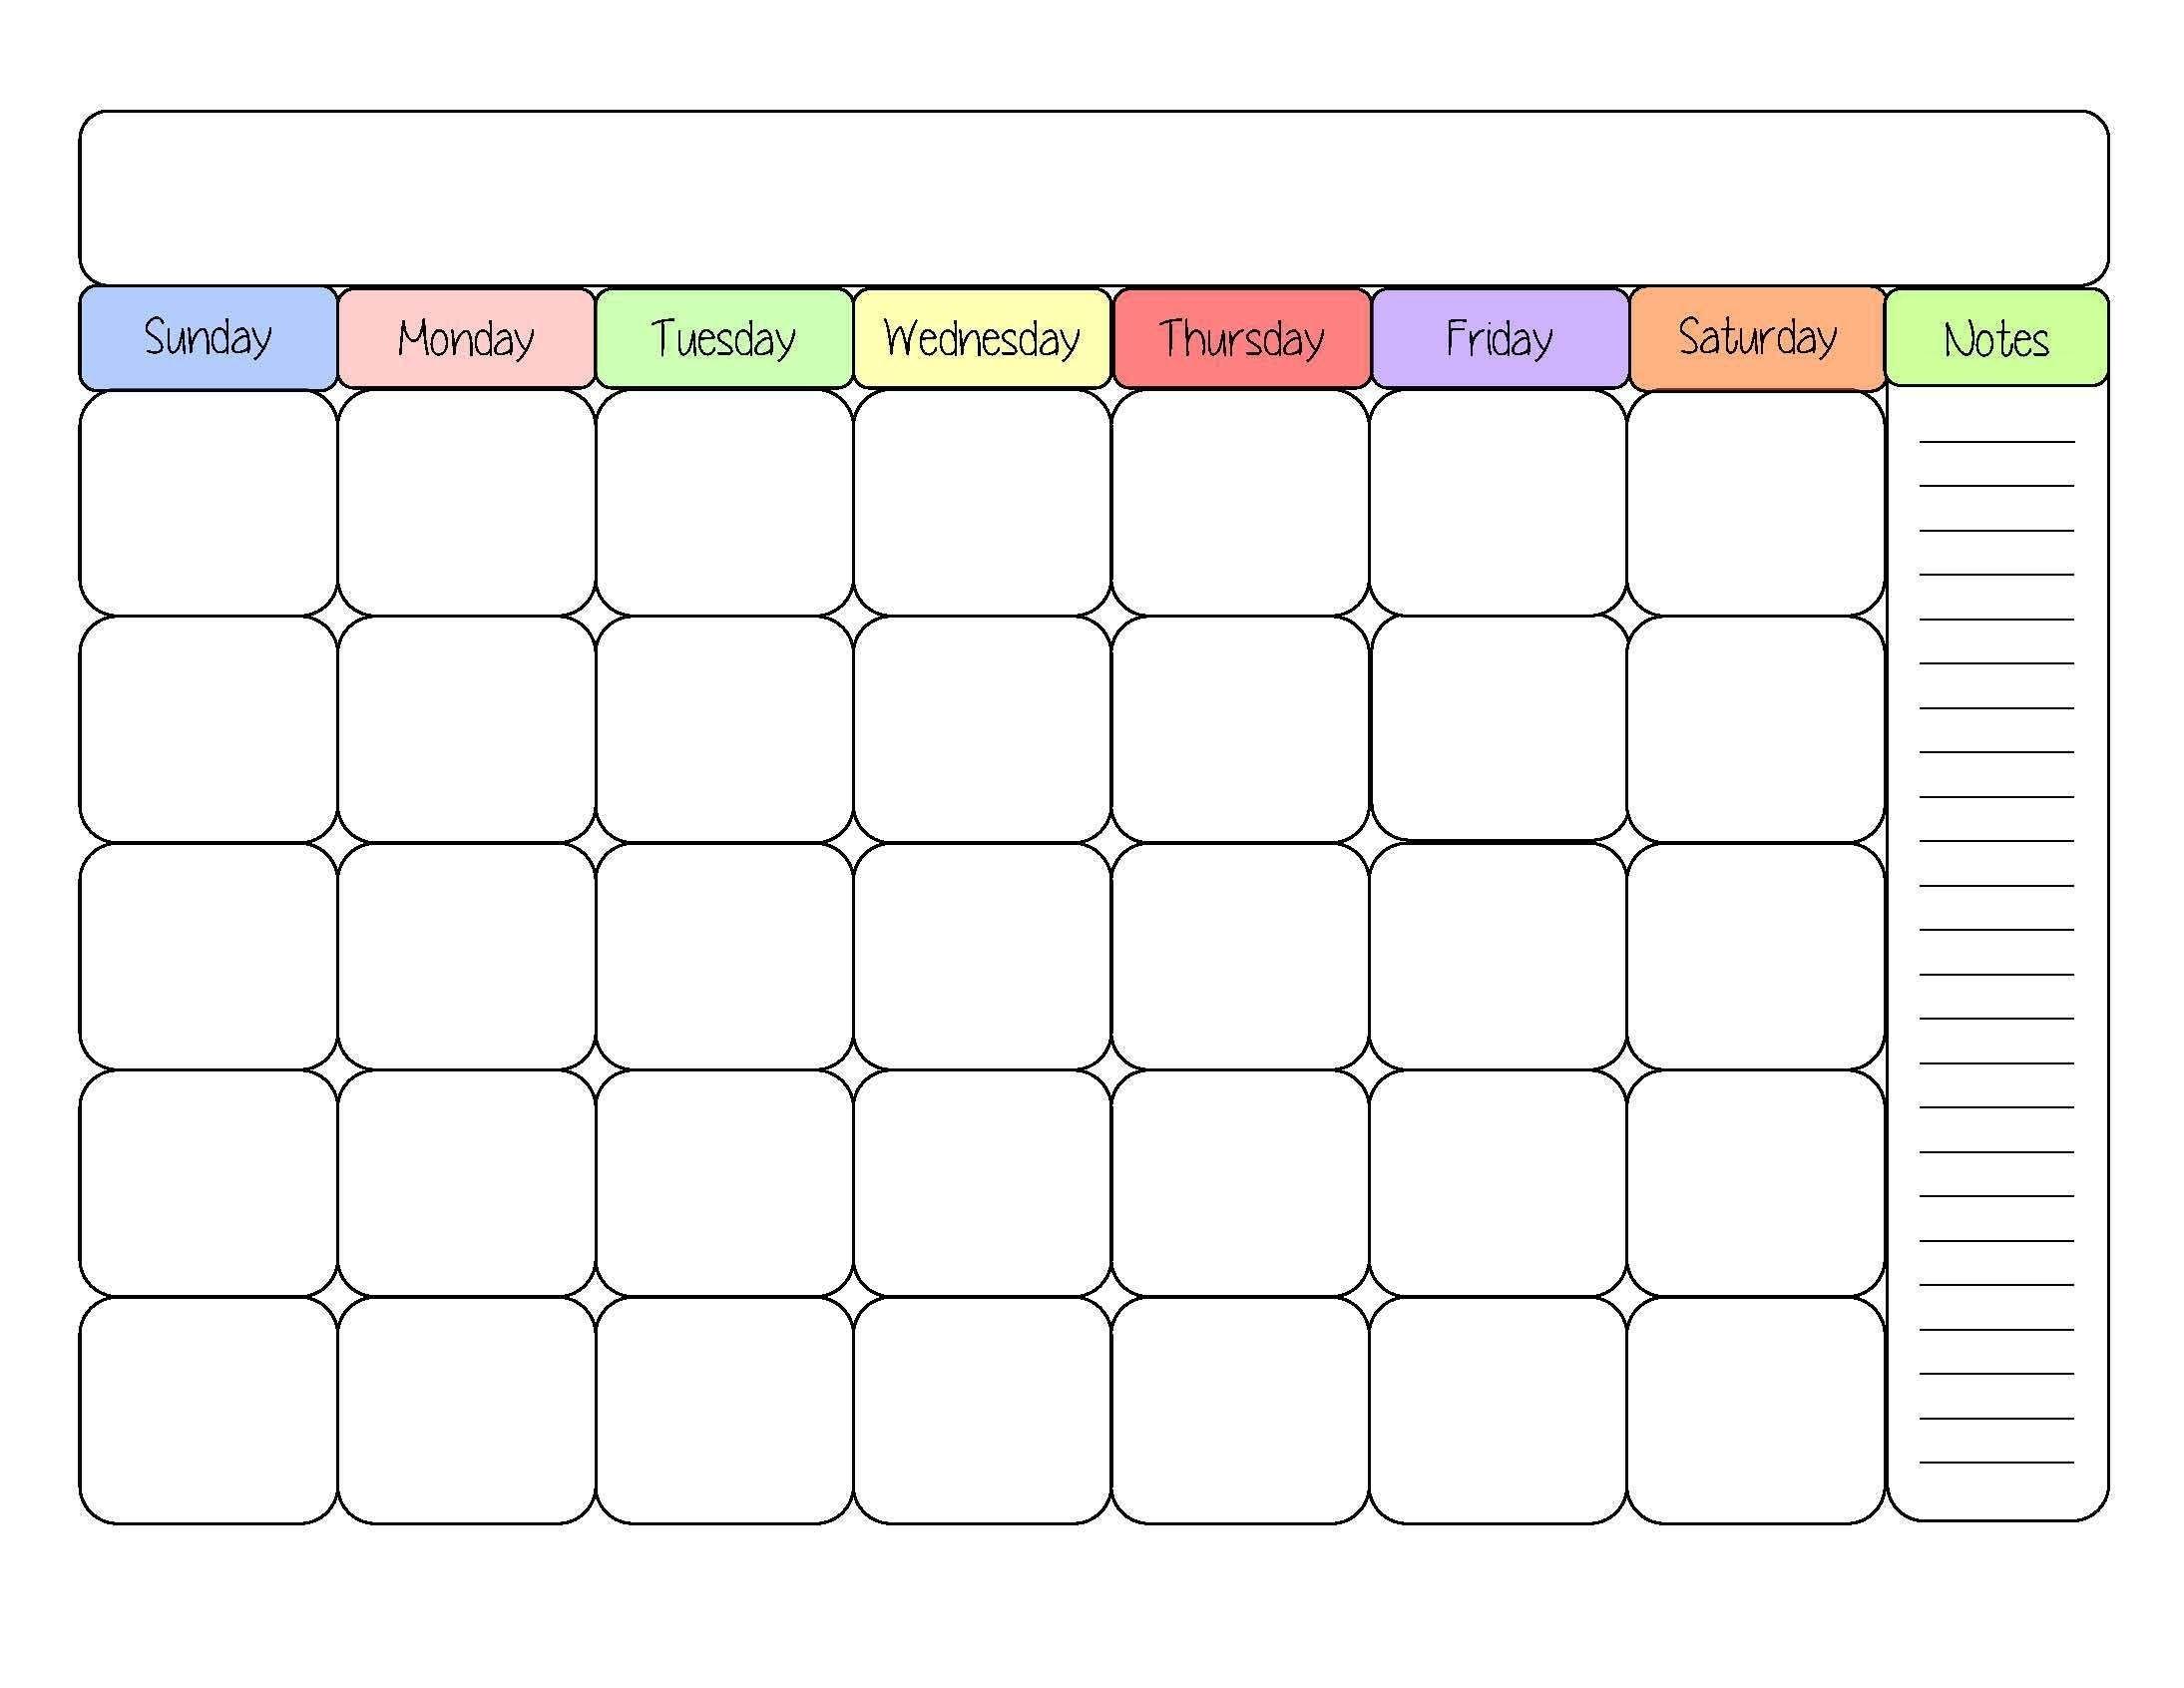 Printable Colorful Calendar Calendario Pis3abry